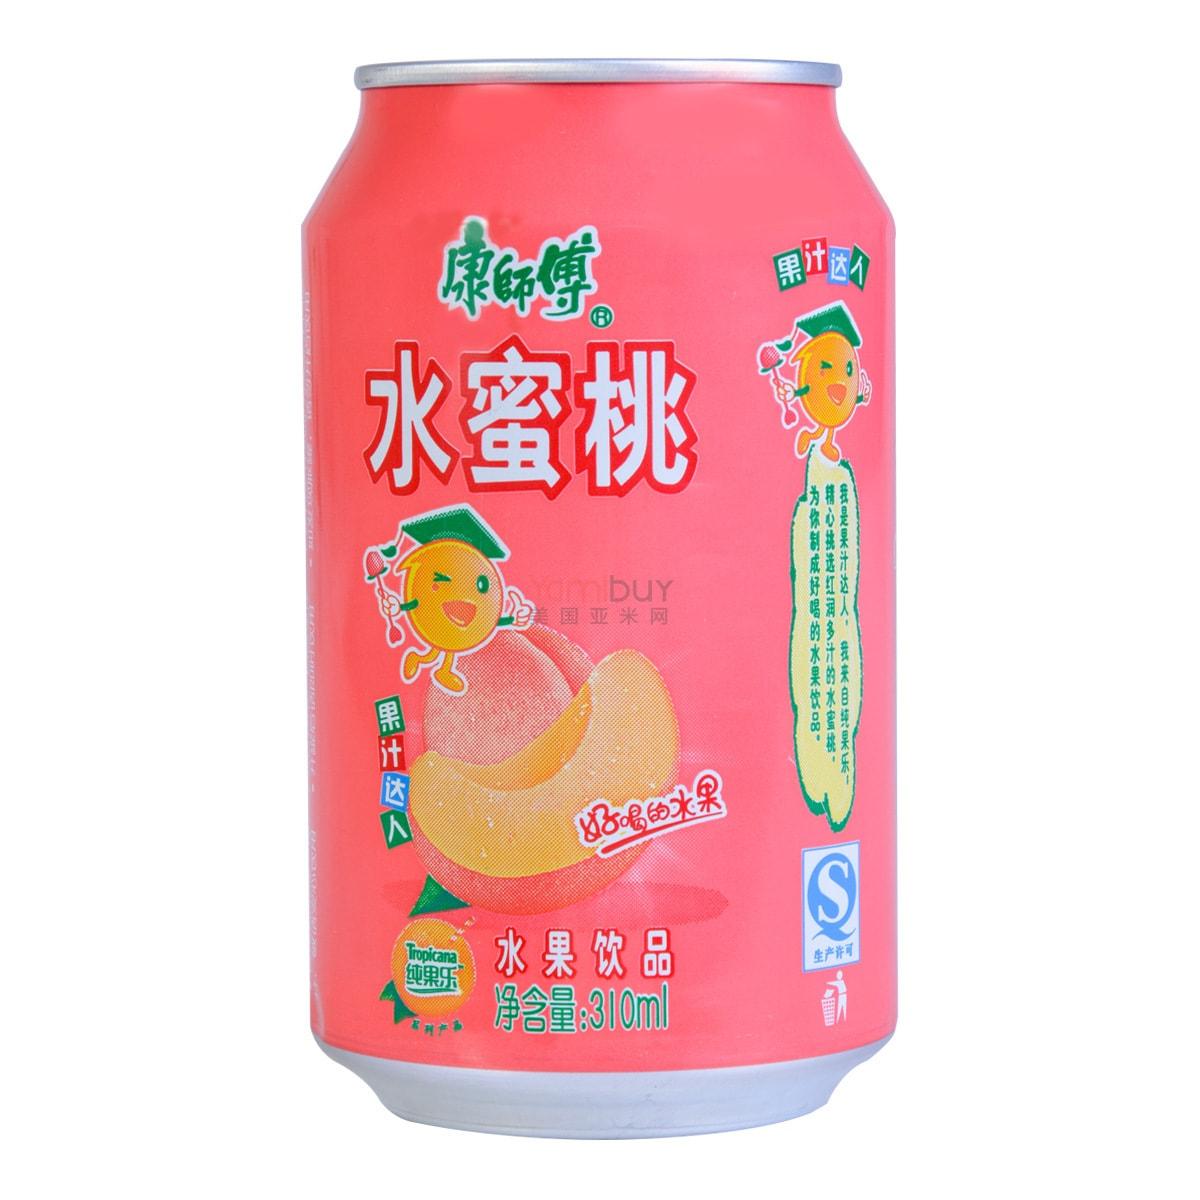 康师傅 水蜜桃 水果饮品 罐装 310ml